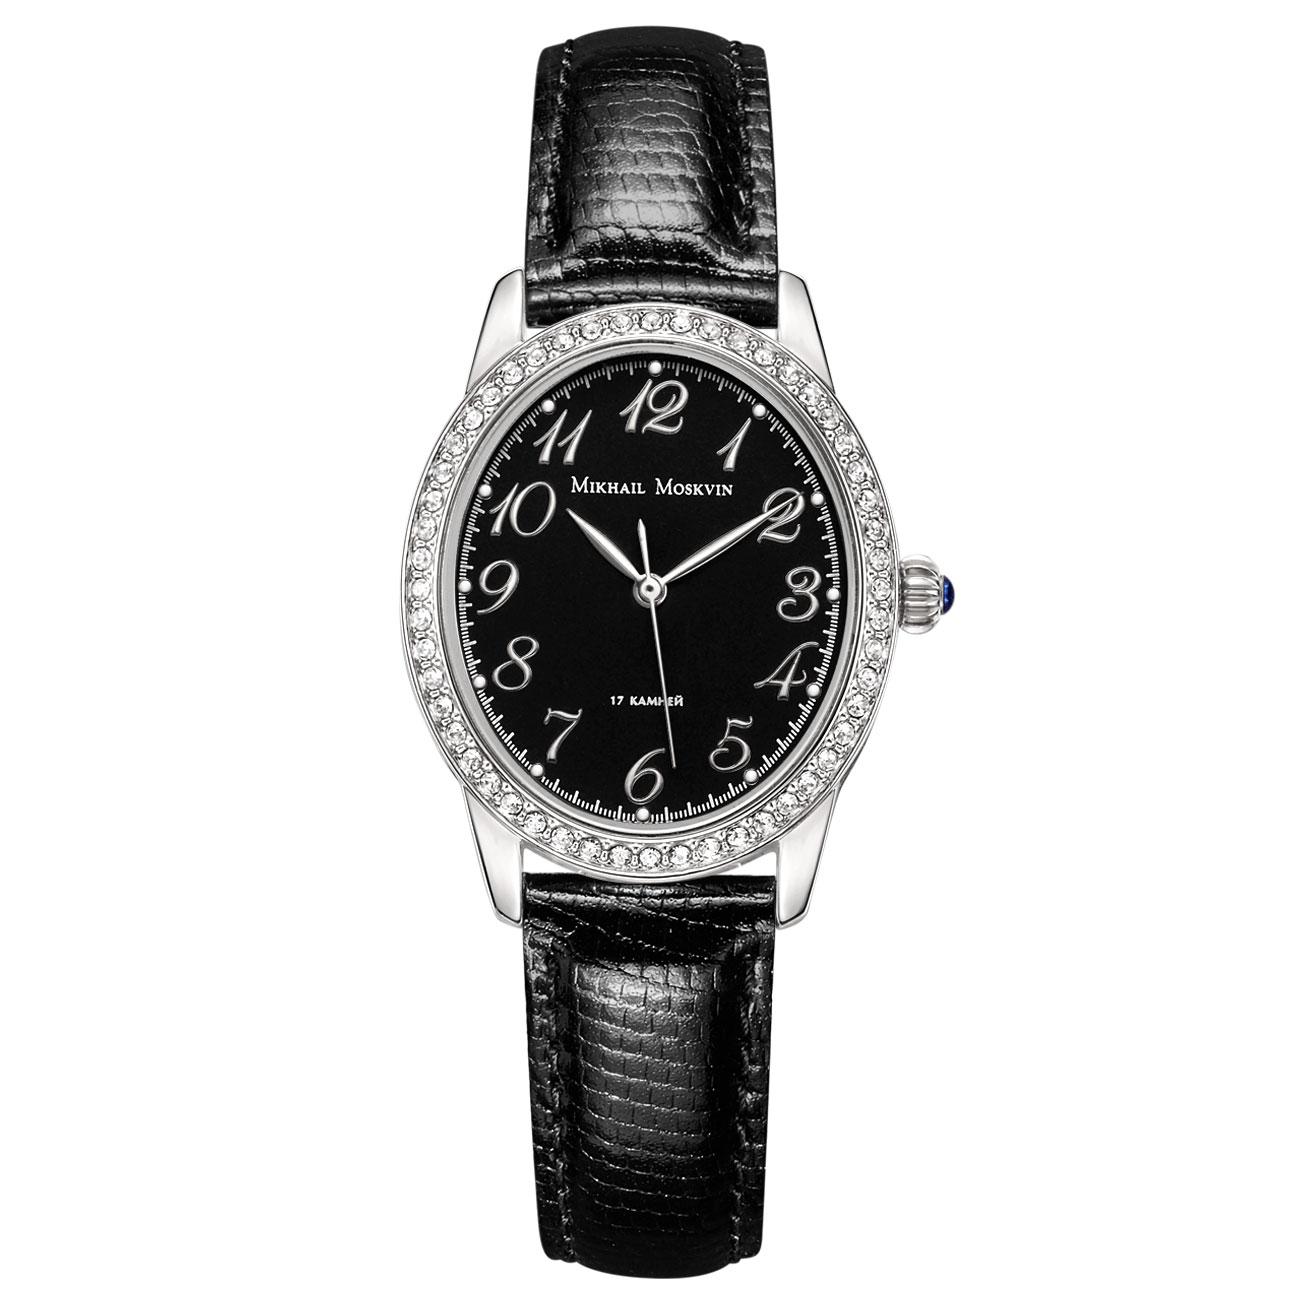 Часы Mikhail Moskvin 569-6-5 все цены